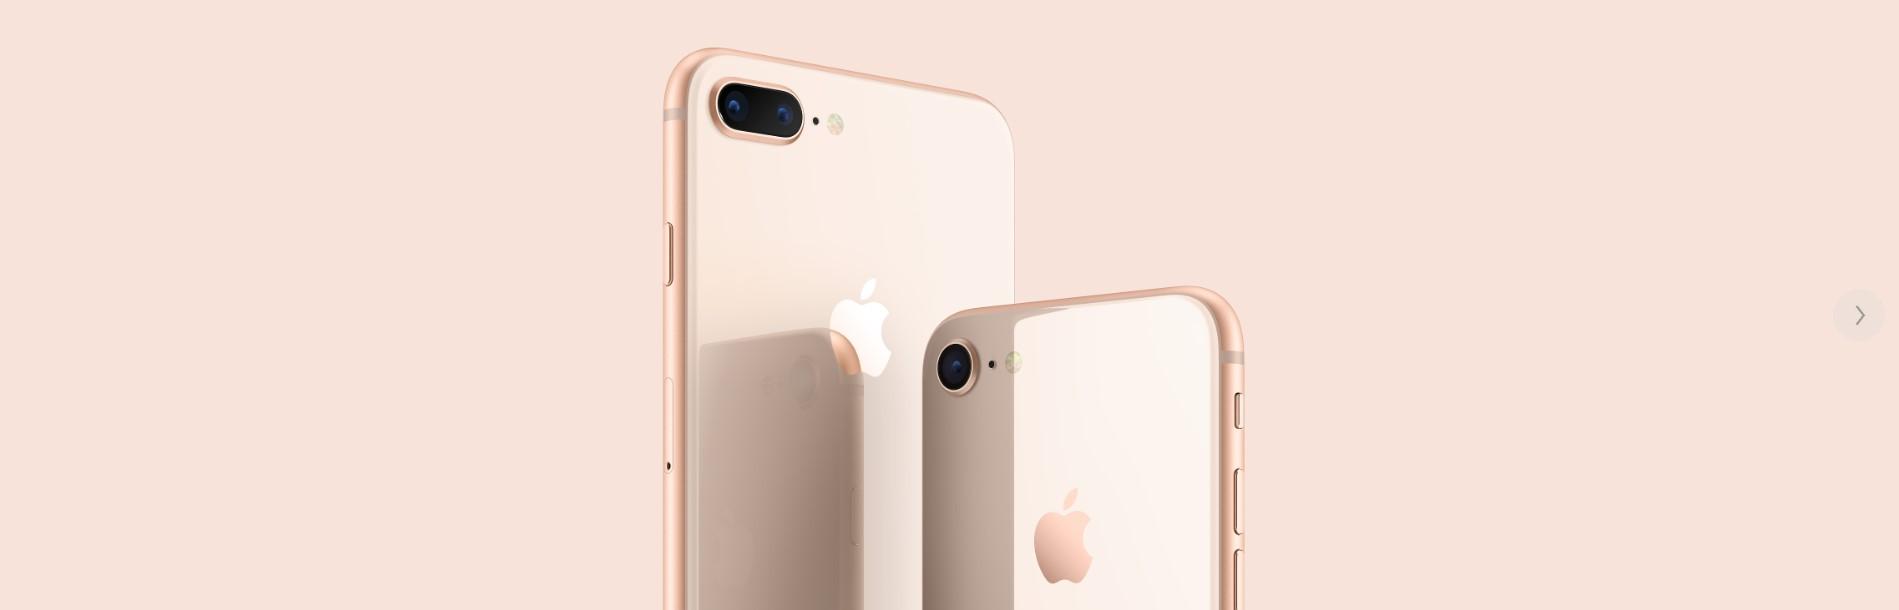 Szukasz iPhone'a do 2000 zł? Sprawdź tę ofertę!